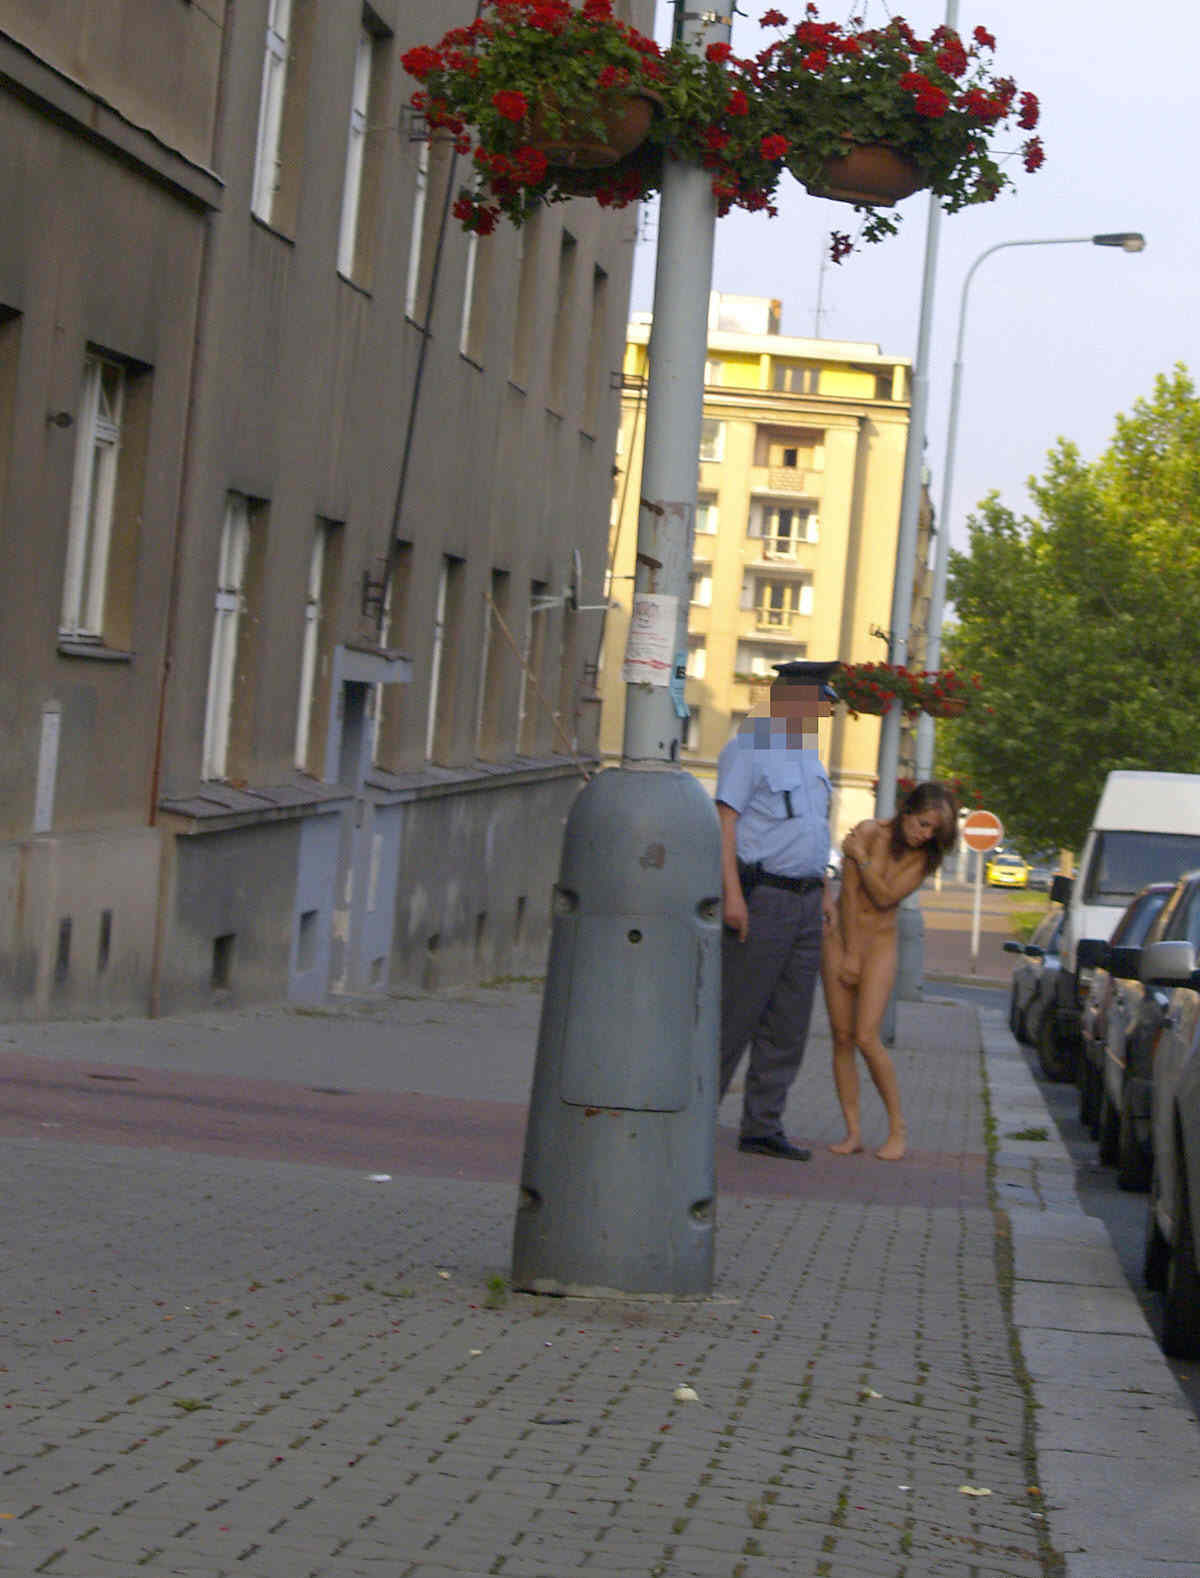 【露出エロ画像】警察に捕まったまんさん「どうしよう・・・せや!脱いで許してもろたろ!!!」(画像あり)・7枚目